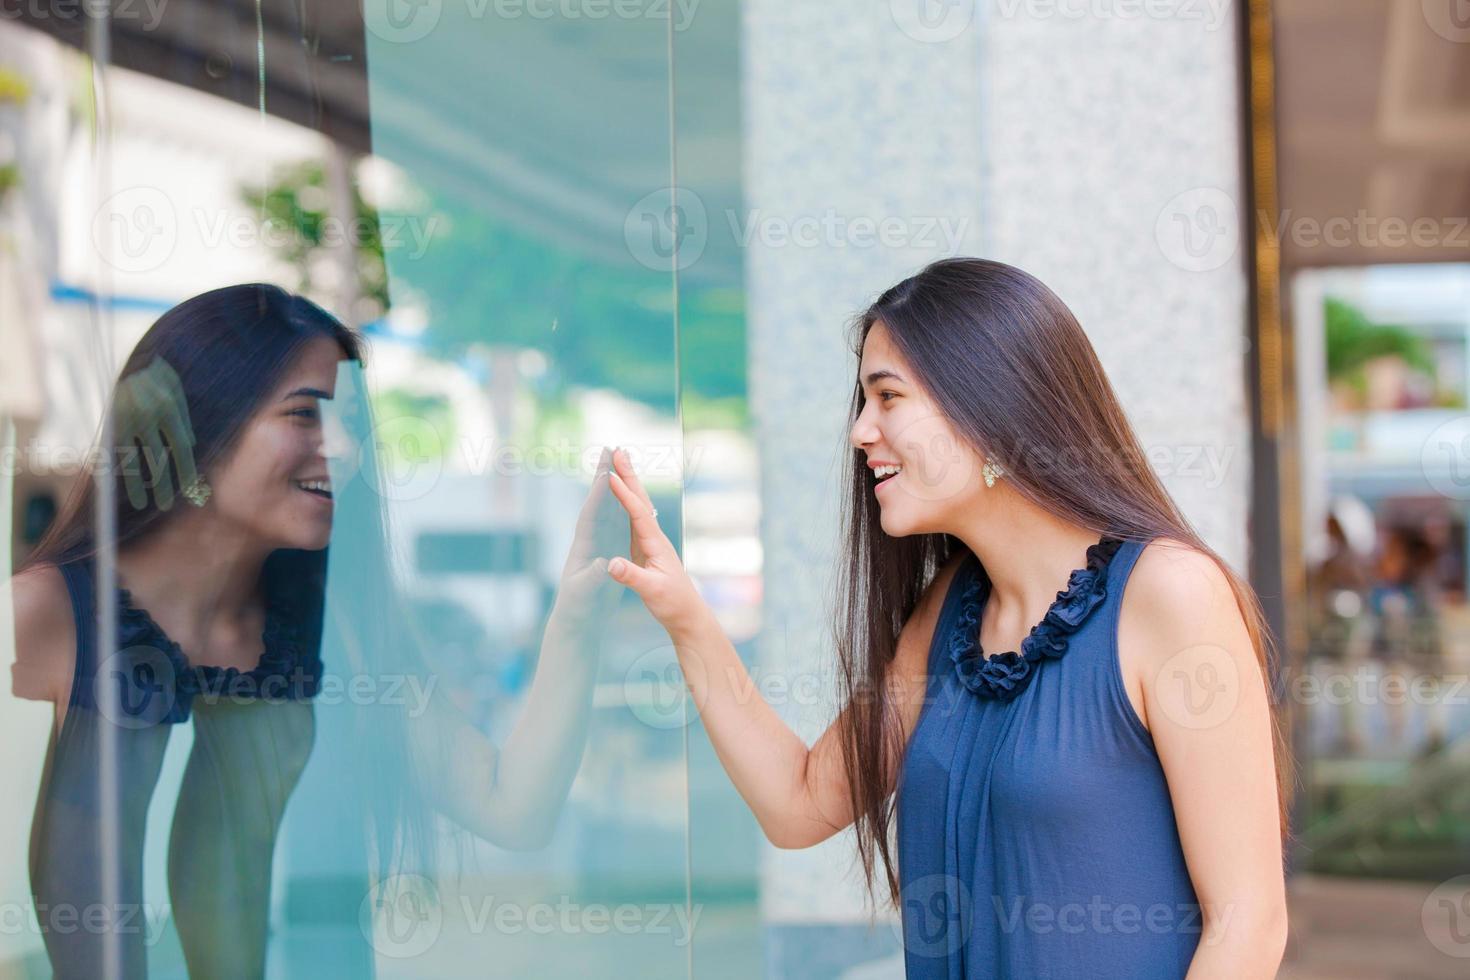 janela de menina adolescente biracial compras em ambiente urbano no centro foto